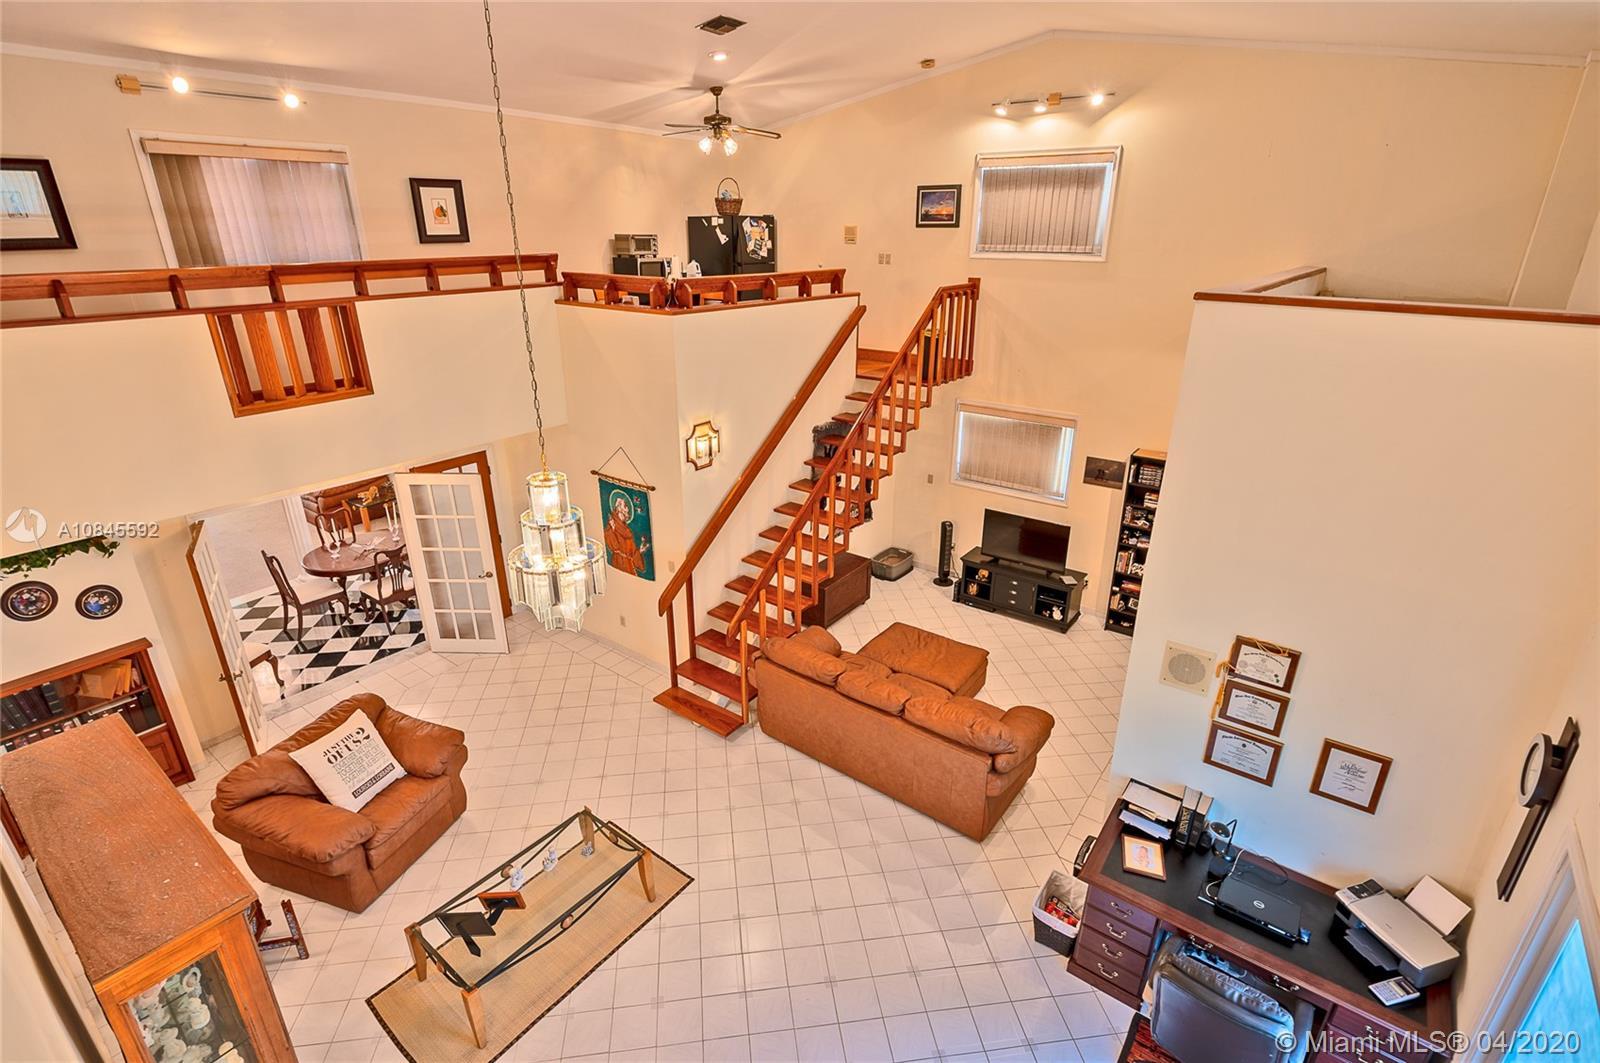 Loft Bedroom - hall way view